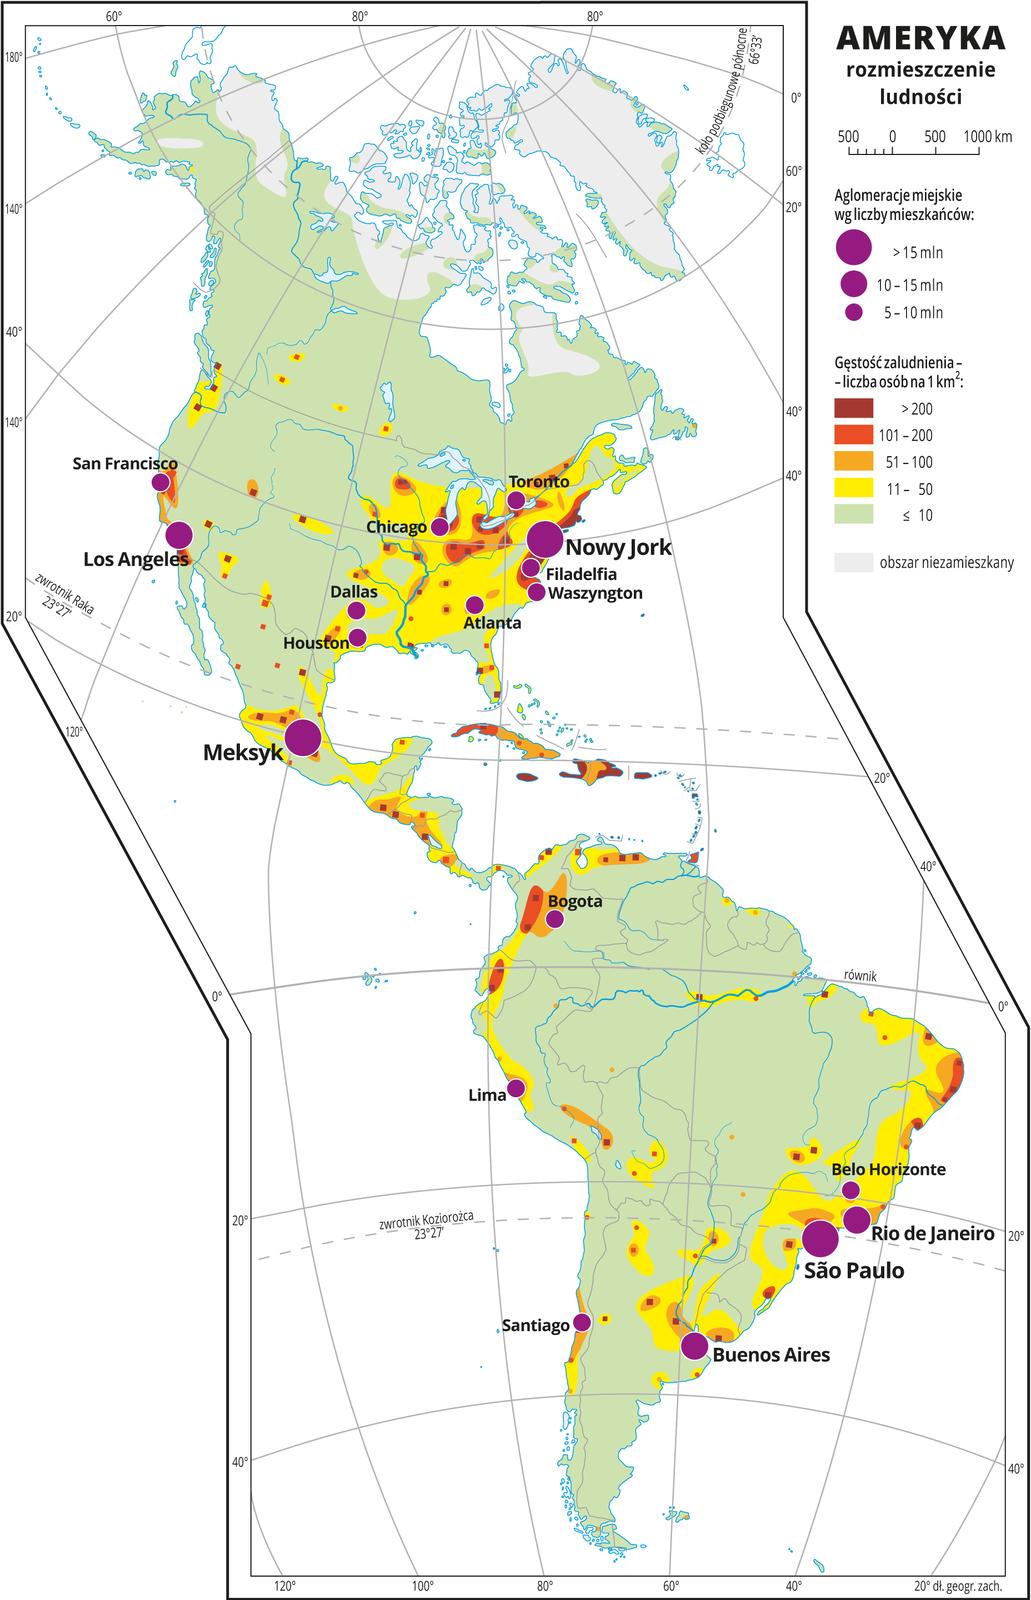 Ilustracja przedstawia mapę rozmieszczenia ludności wAmeryce. Kolorami od zielonego (w przewadze) przez żółty ipomarańczowy do czerwonego ibrunatnego przedstawiono gęstość zaludnienia. Na wschodnich wybrzeżach przeważa kolor żółty (jedenaście do pięćdziesięciu osób na jeden kilometr kwadratowy). Wokół miast, które też przeważnie skupione są wtym rejonie – kolor pomarańczowy do brunatnego oznaczający dużą gęstość zaludnienia powyżej pięćdziesięciu osób na kilometr kwadratowy. Na mapie różnej wielkości sygnatury (koła) obrazujące aglomeracje miejskie wg liczby mieszkańców: São Paulo, Nowy Jork, Meksyk – powyżej piętnastu milionów mieszkańców. Los Angeles, Buenos Aires, Rio de Janeiro – od dziesięciu do piętnastu milionów mieszkańców. Kilkanaście mniejszych sygnatur oznaczających miasta oliczbie mieszkańców od pięciu do dziesięciu milionów mieszkańców. Obszary niezamieszkane na północy Ameryki Północnej – szare. Dookoła mapy wbiałej ramce opisano współrzędne geograficzne co dwadzieścia stopni. Wlegendzie umieszczono iopisano kolory użyte na mapie.